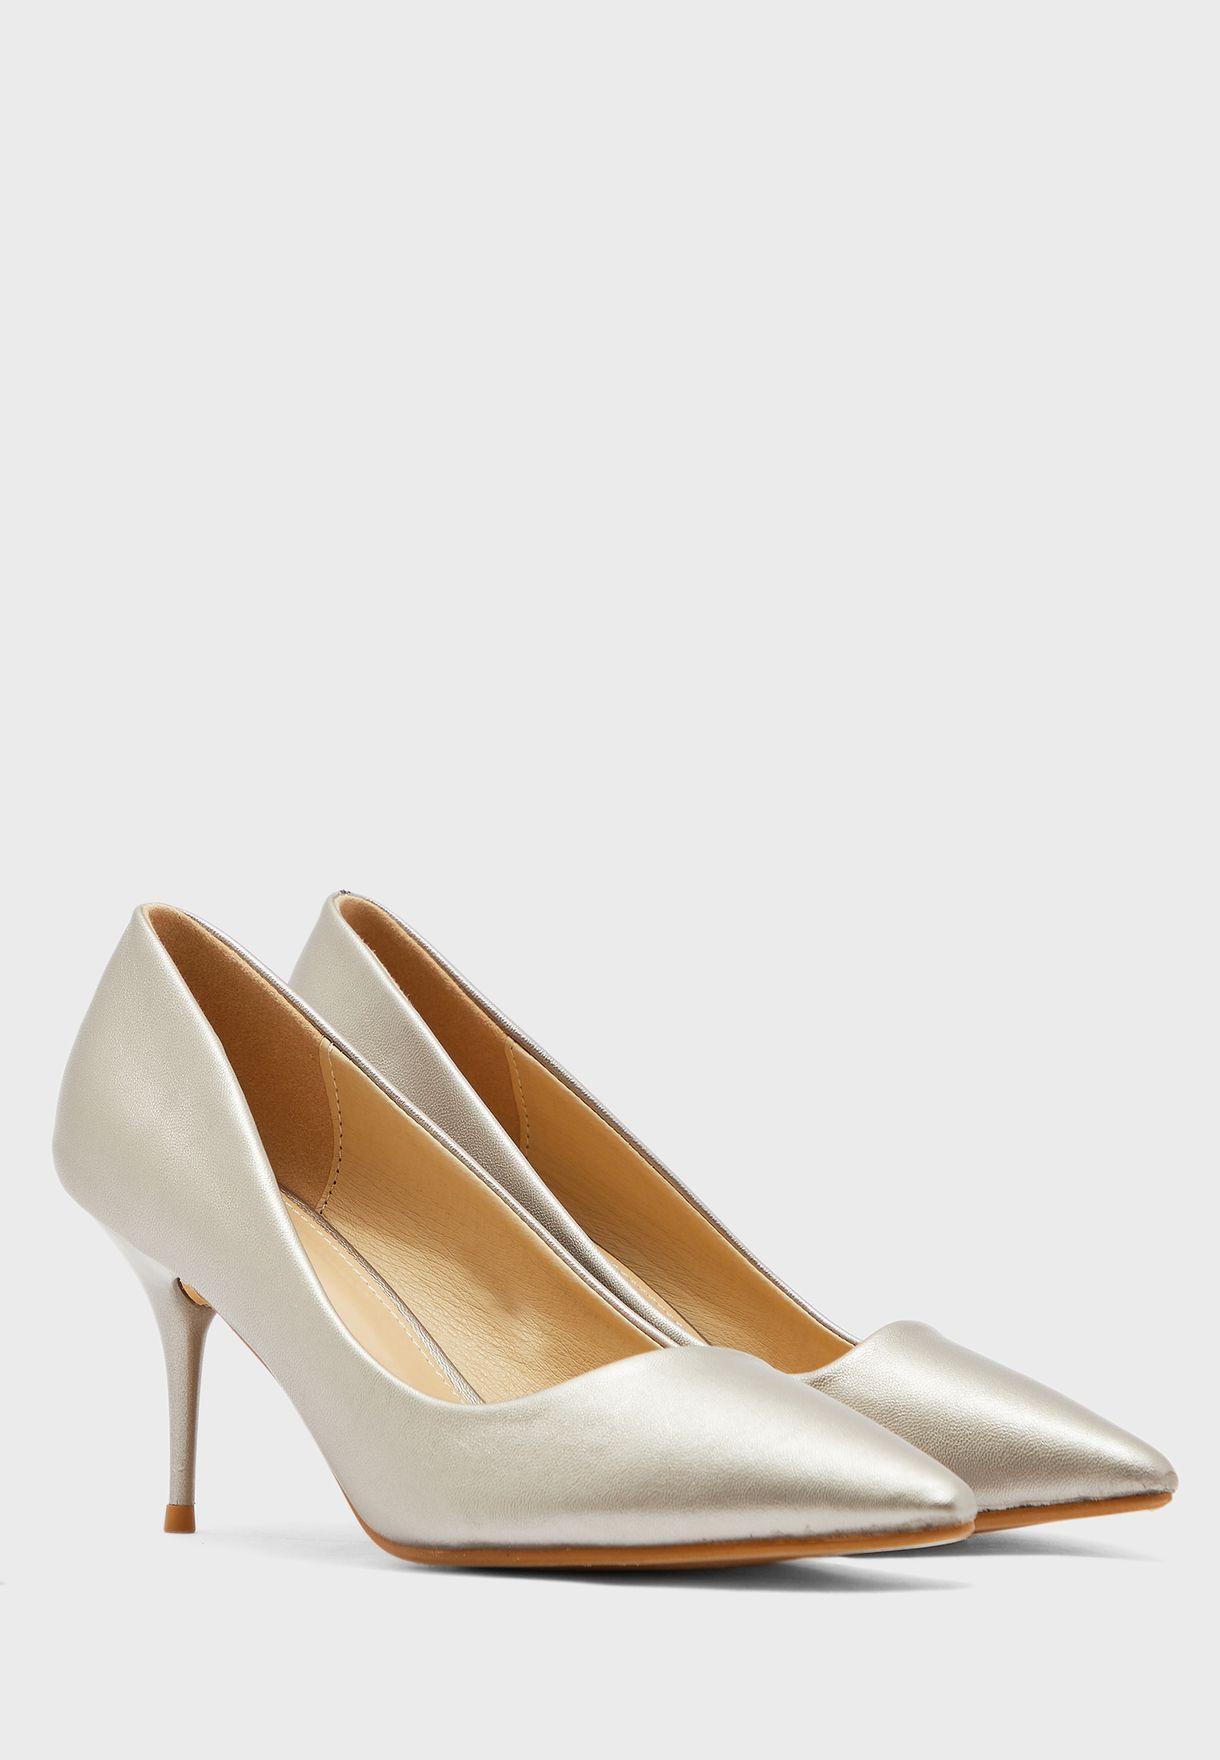 حذاء ميتاليك بمقدمة مدببة